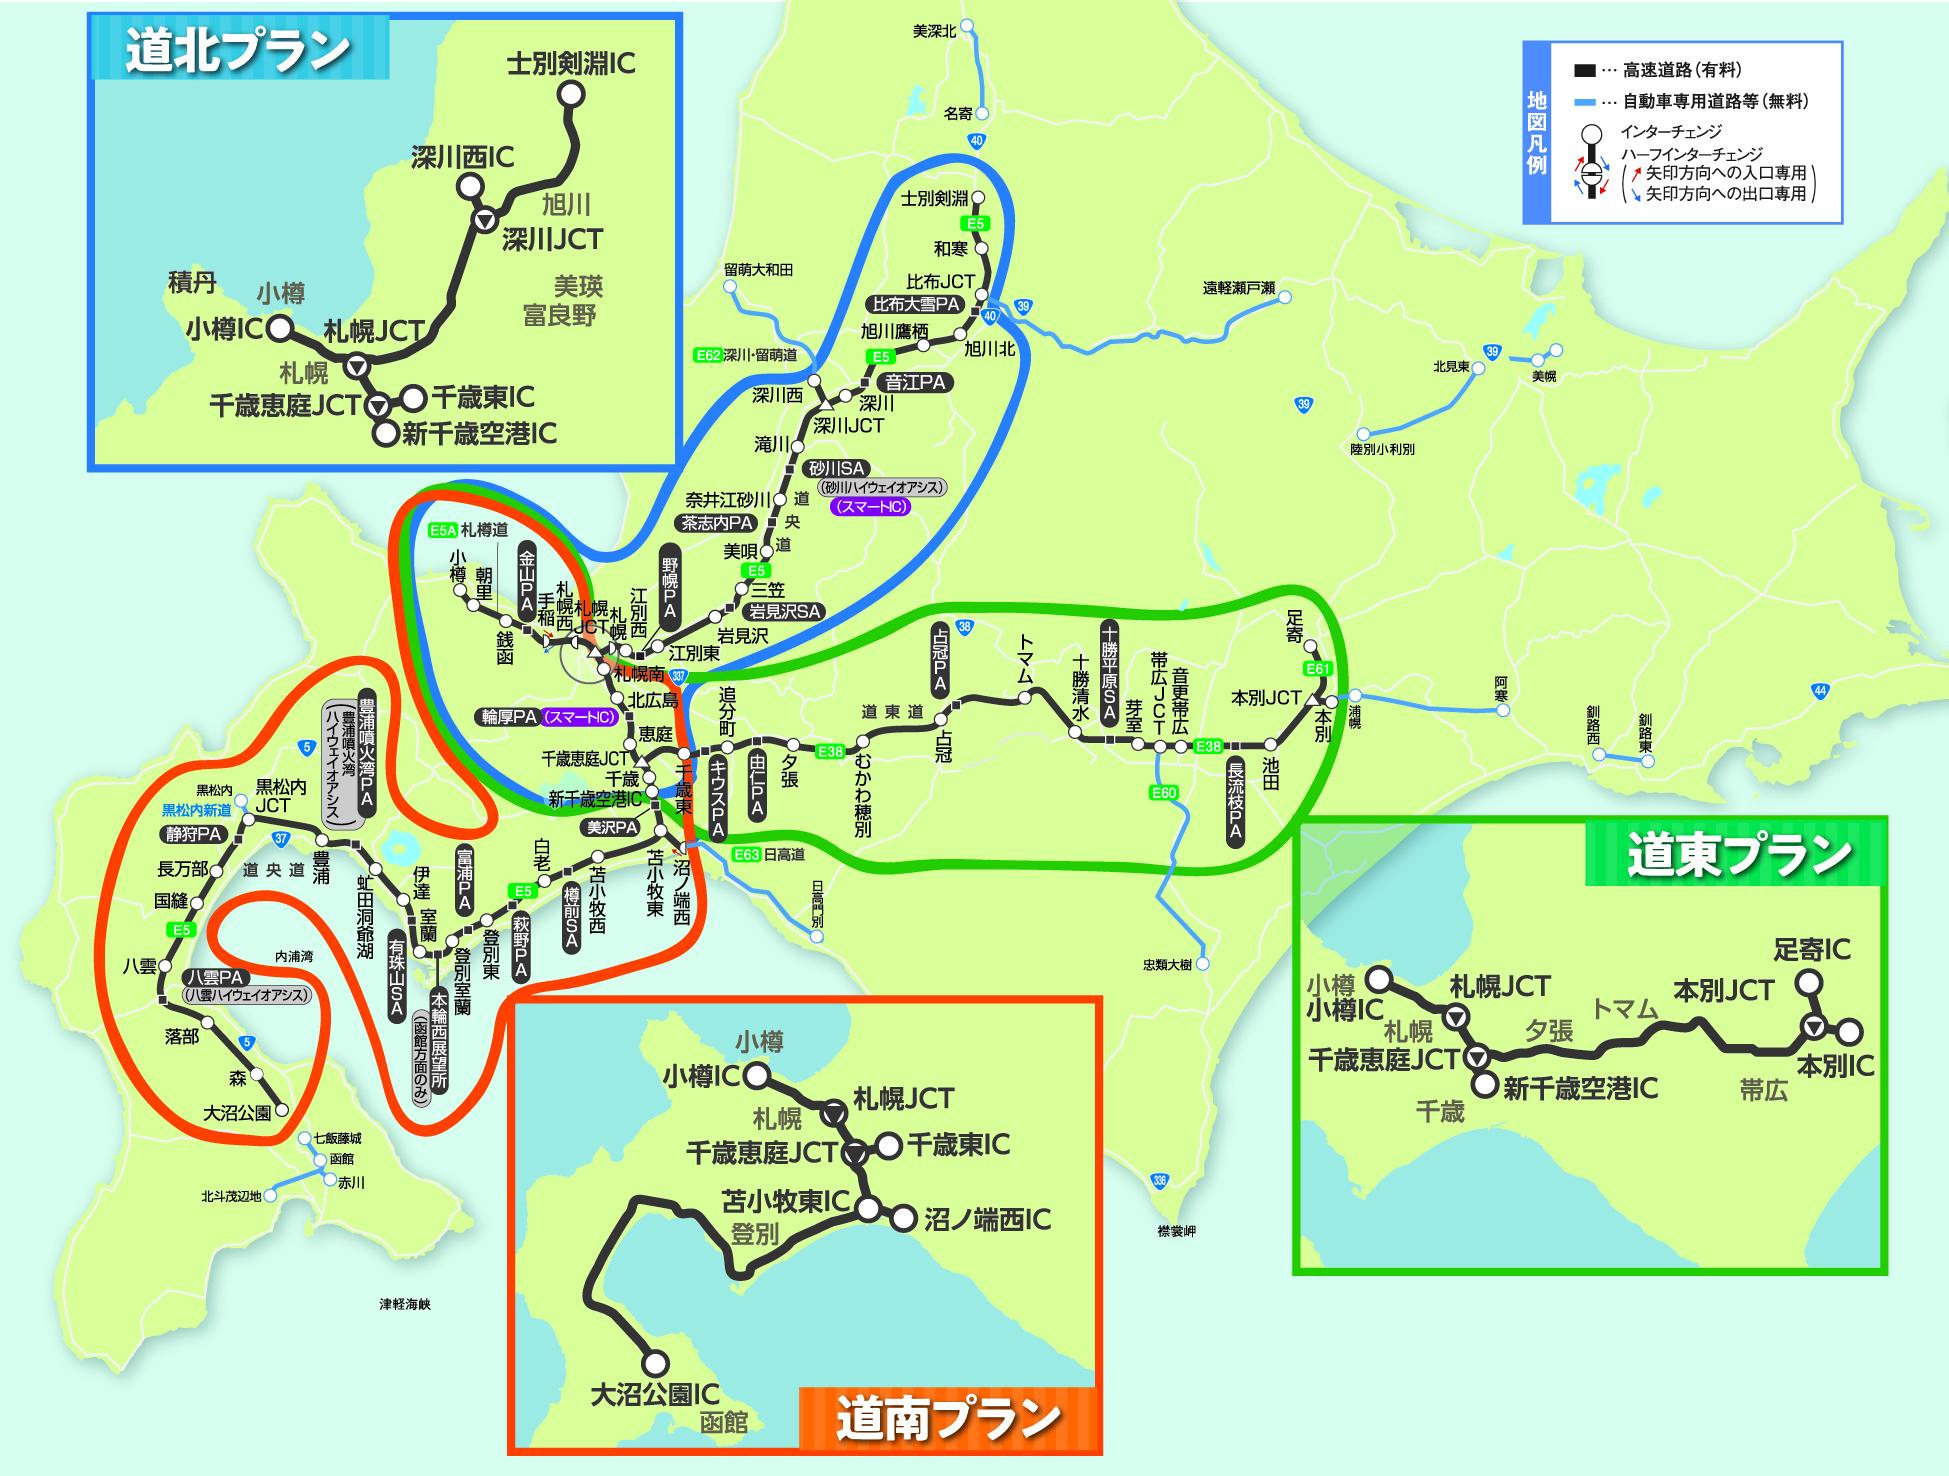 北海道内3エリアの高速道路が定額で乗り降り自由!『冬の北海道観光ふりーぱす』を1月10日より販売開始 『冬ってこんなに面白い!!北海道スマホスタンプラリー』も同時開催